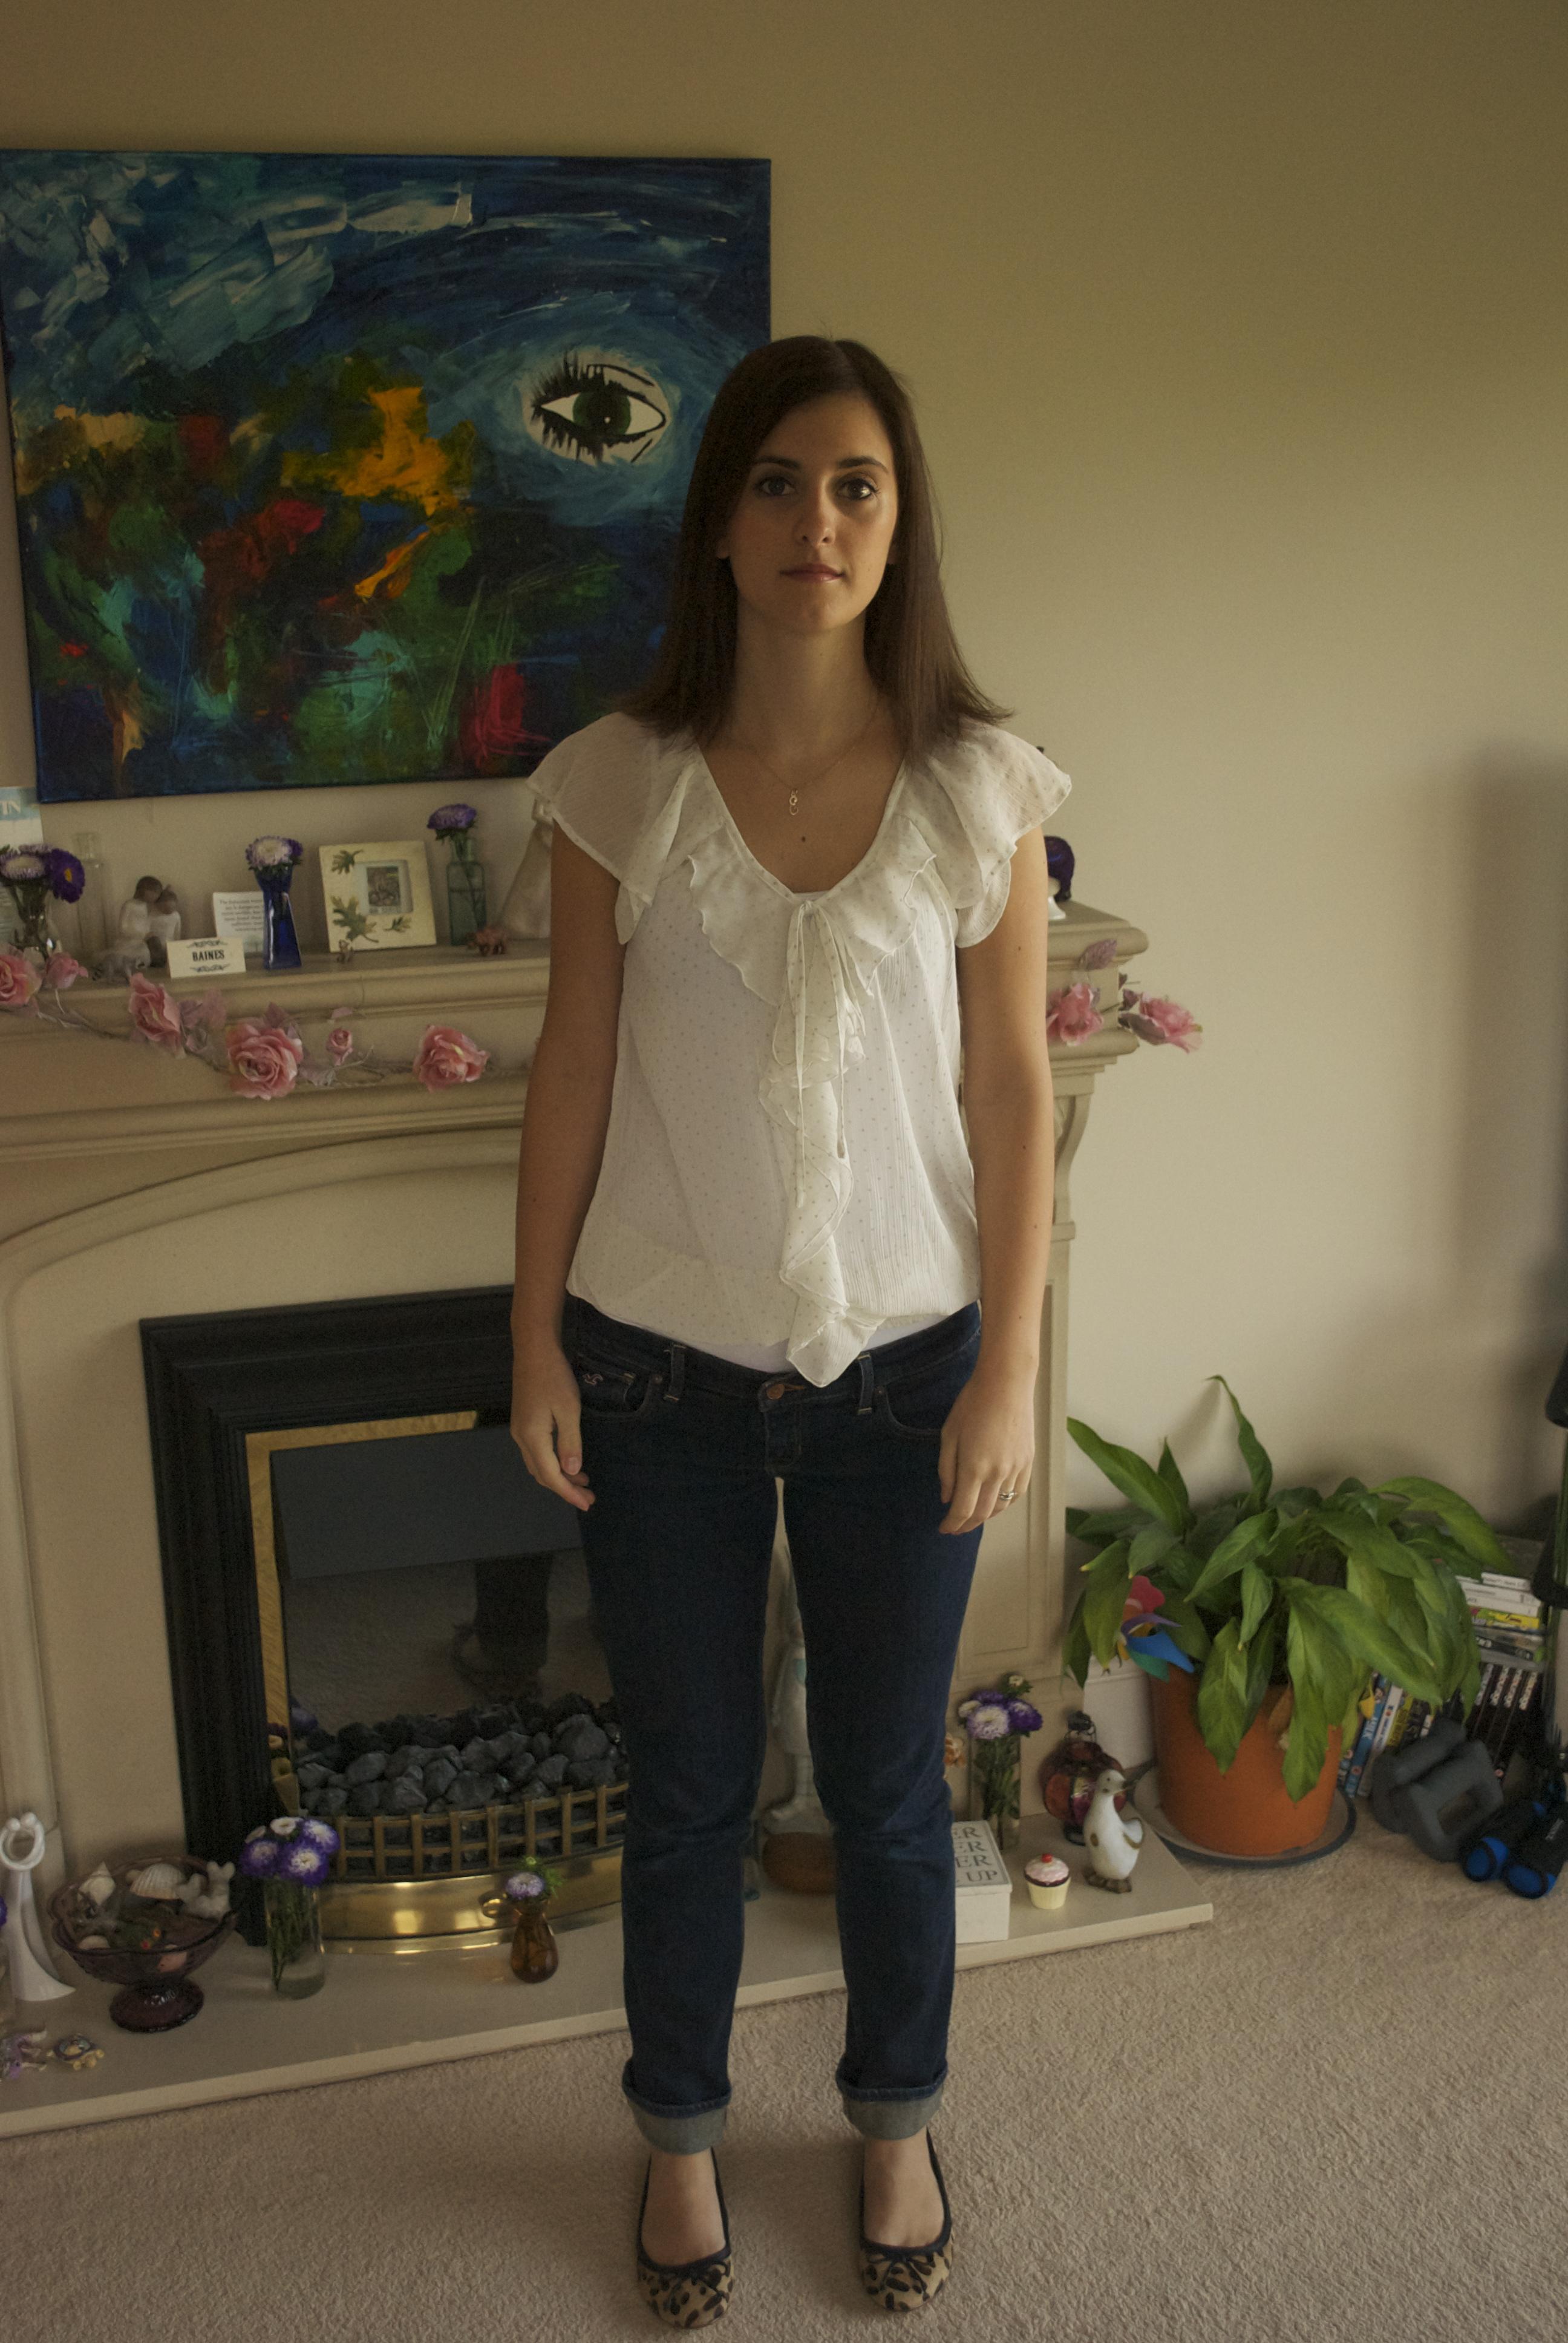 White Primark blouse, Hollister jeans, Stylist Pick leopard print ballet pumps